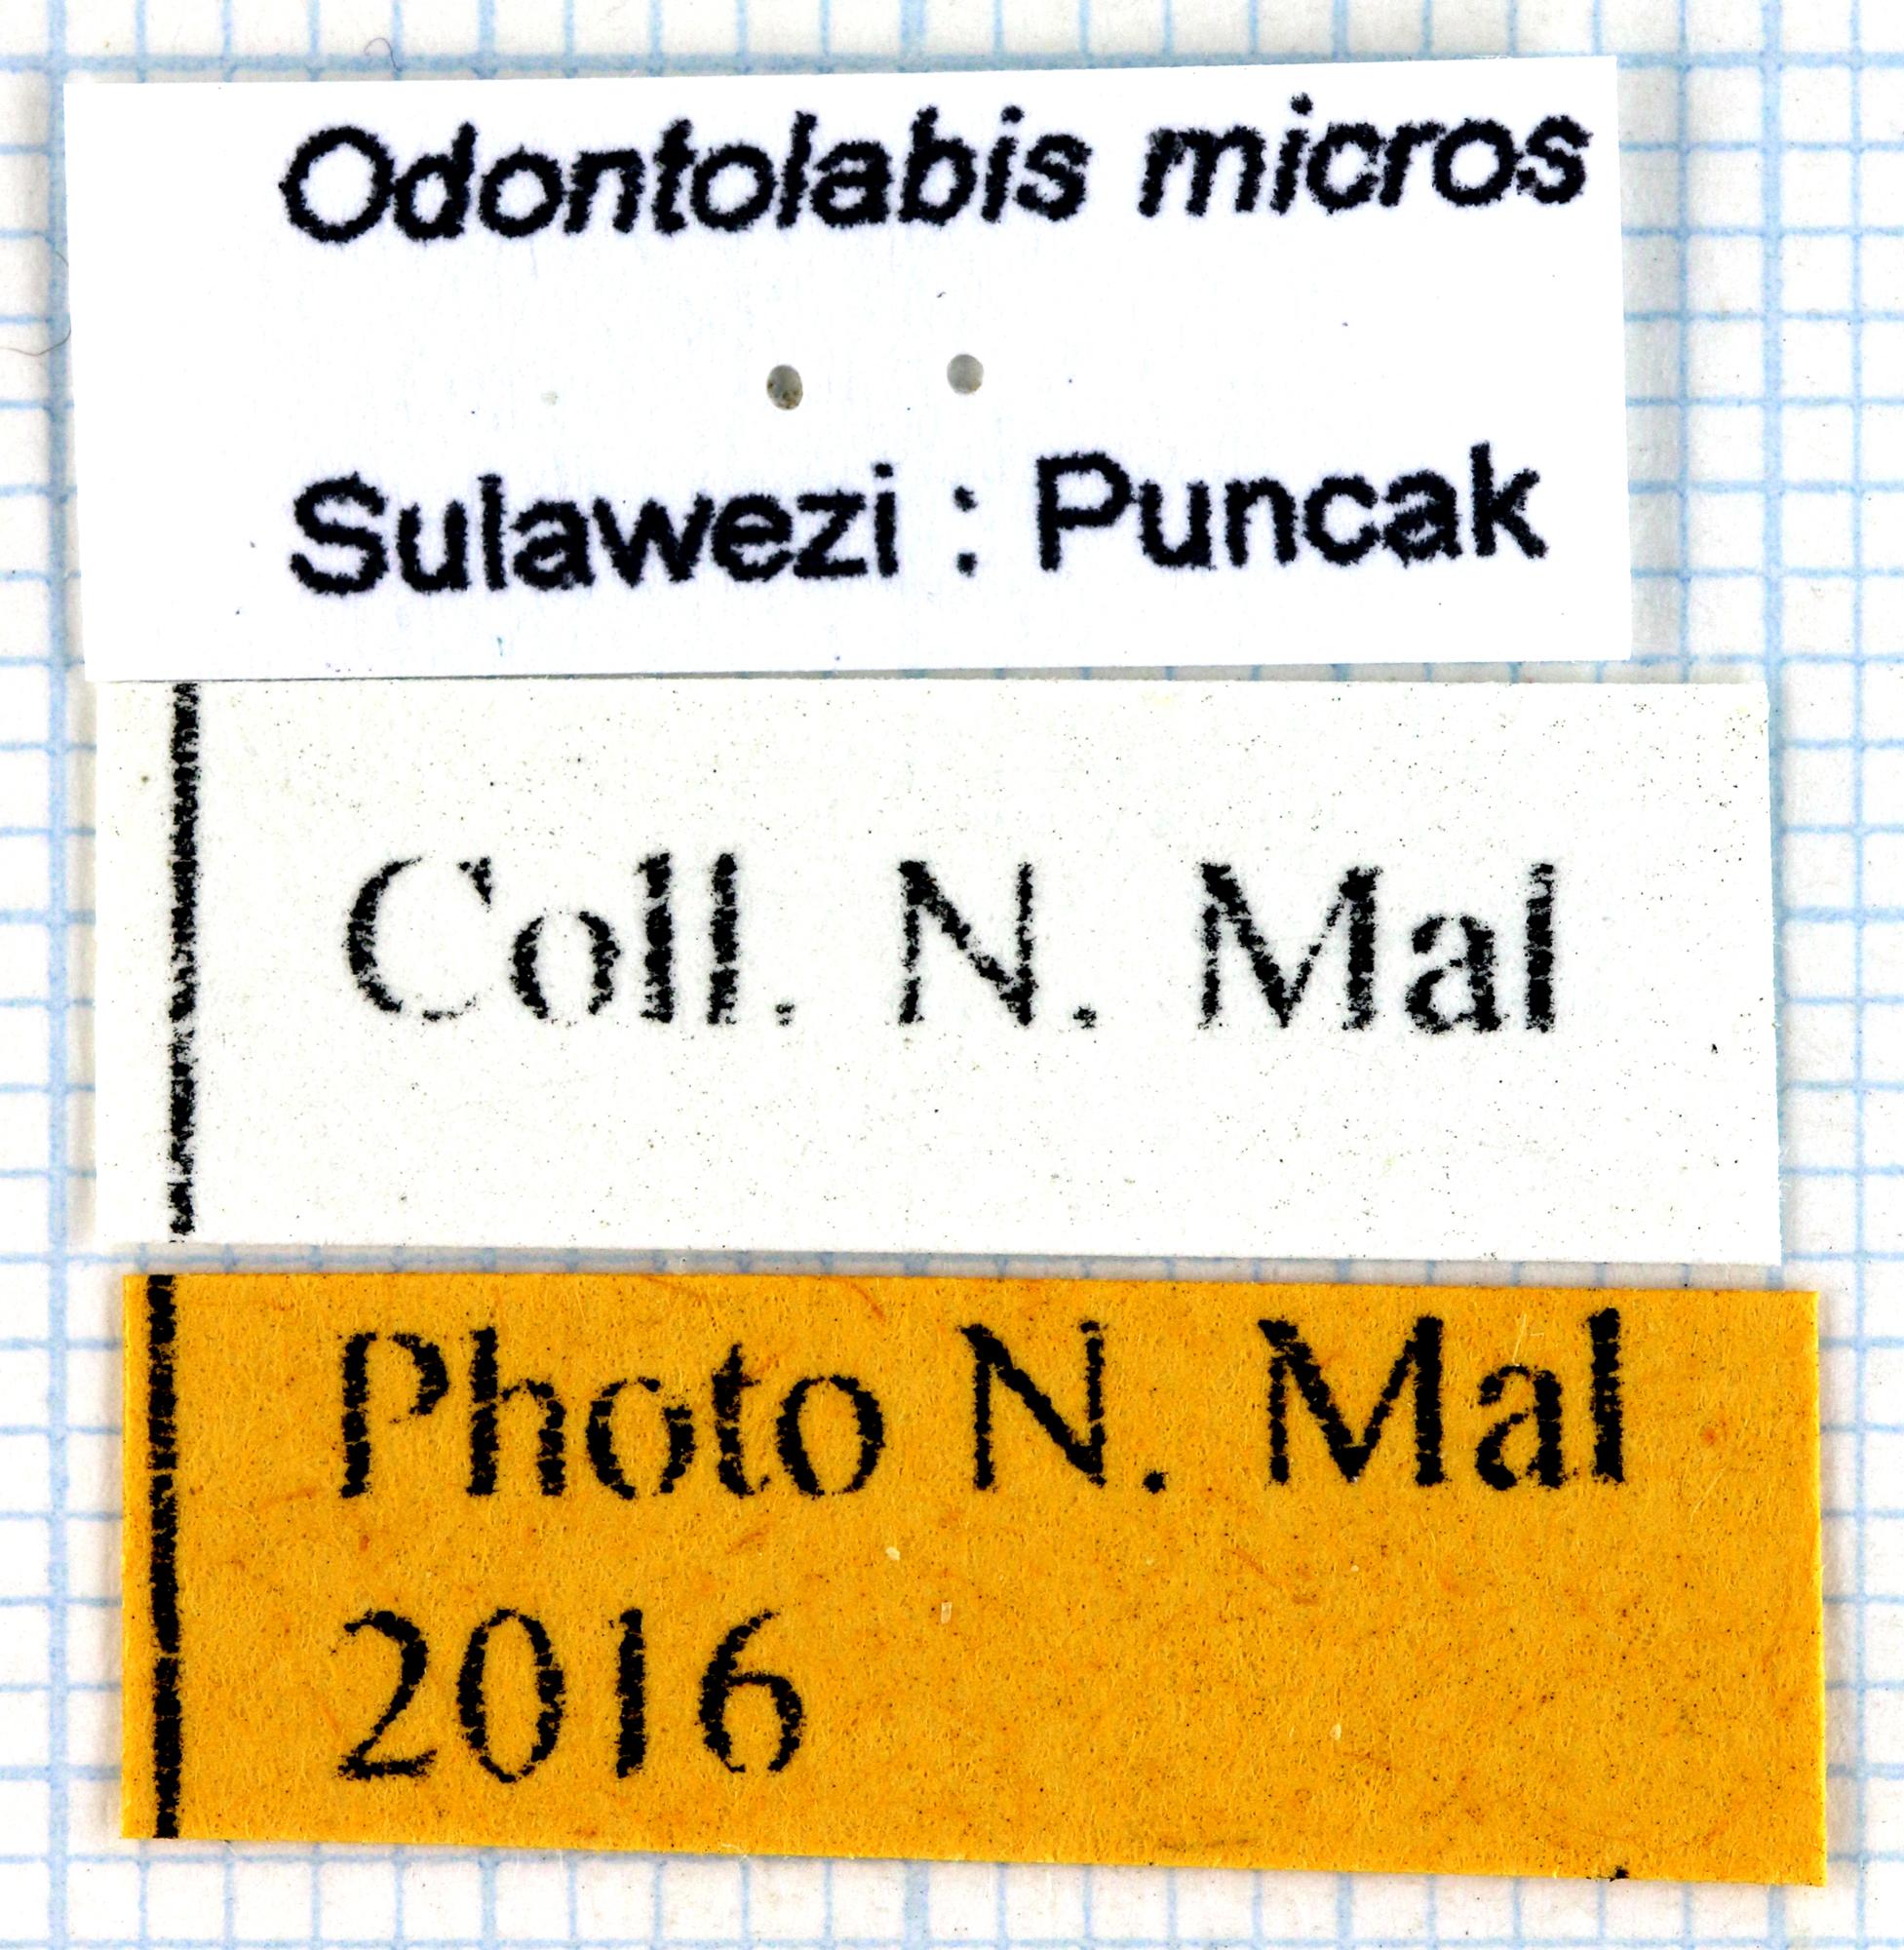 Odontolabis micros 68124.jpg